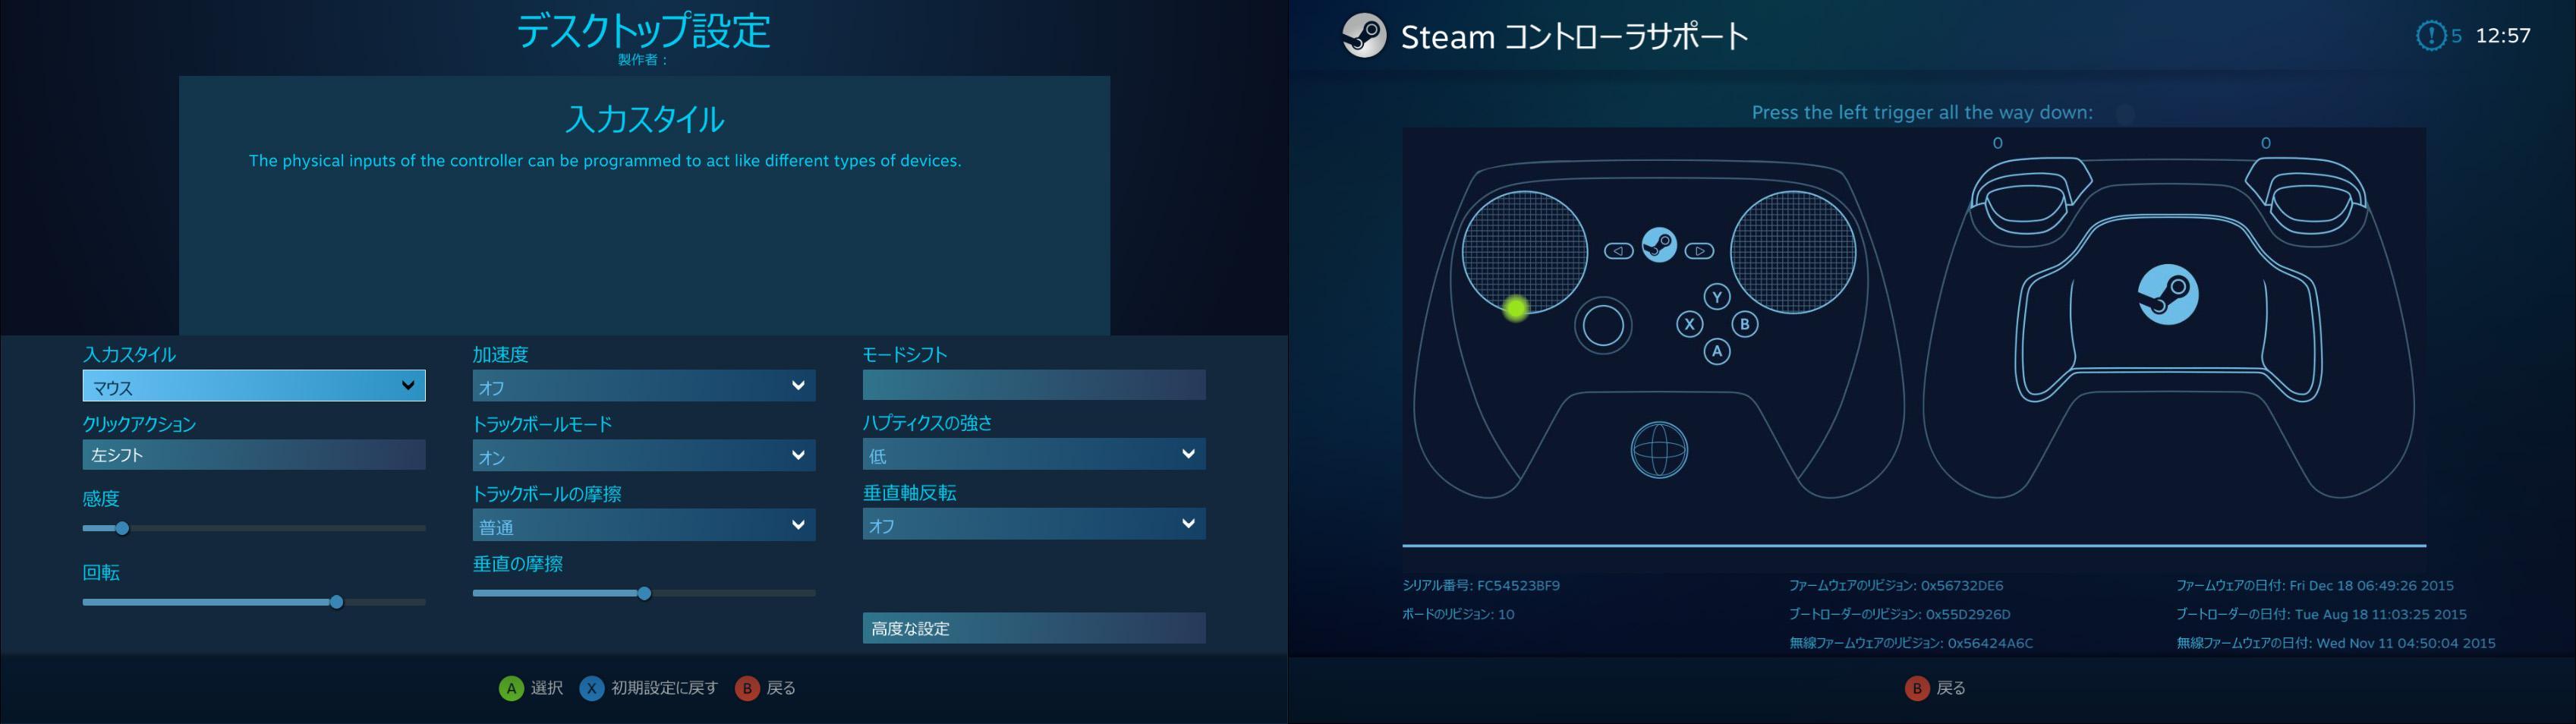 画像左はトラックパッドのマウス設定画面。レースゲームでサスの固さをセッティングする時のように、この画面とゲームを往復する羽目となる。この設定画面に、テスト画面(画像右)のような判定箇所と、設定を反映した判定箇所が視覚化してあれば、煩わしさを軽減できただろう。